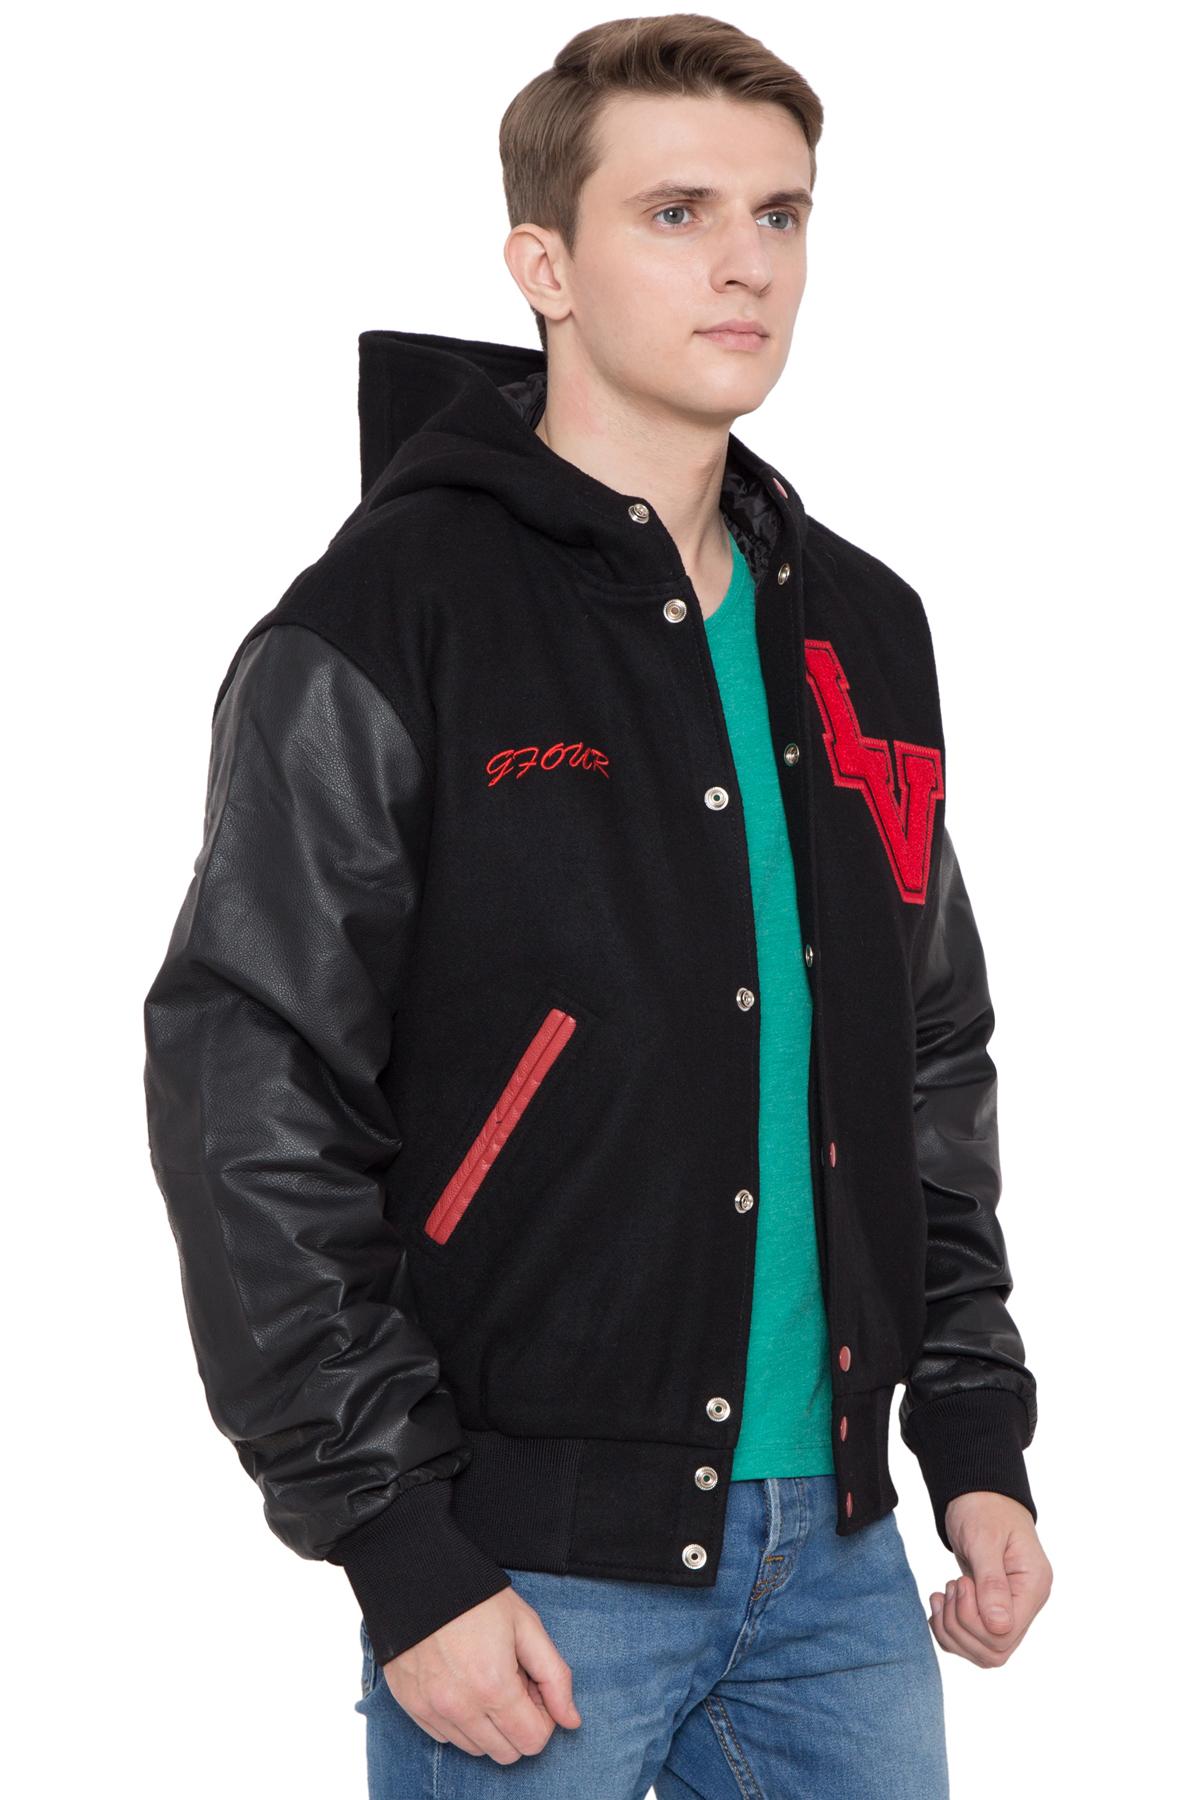 Customized Varsity Jacket